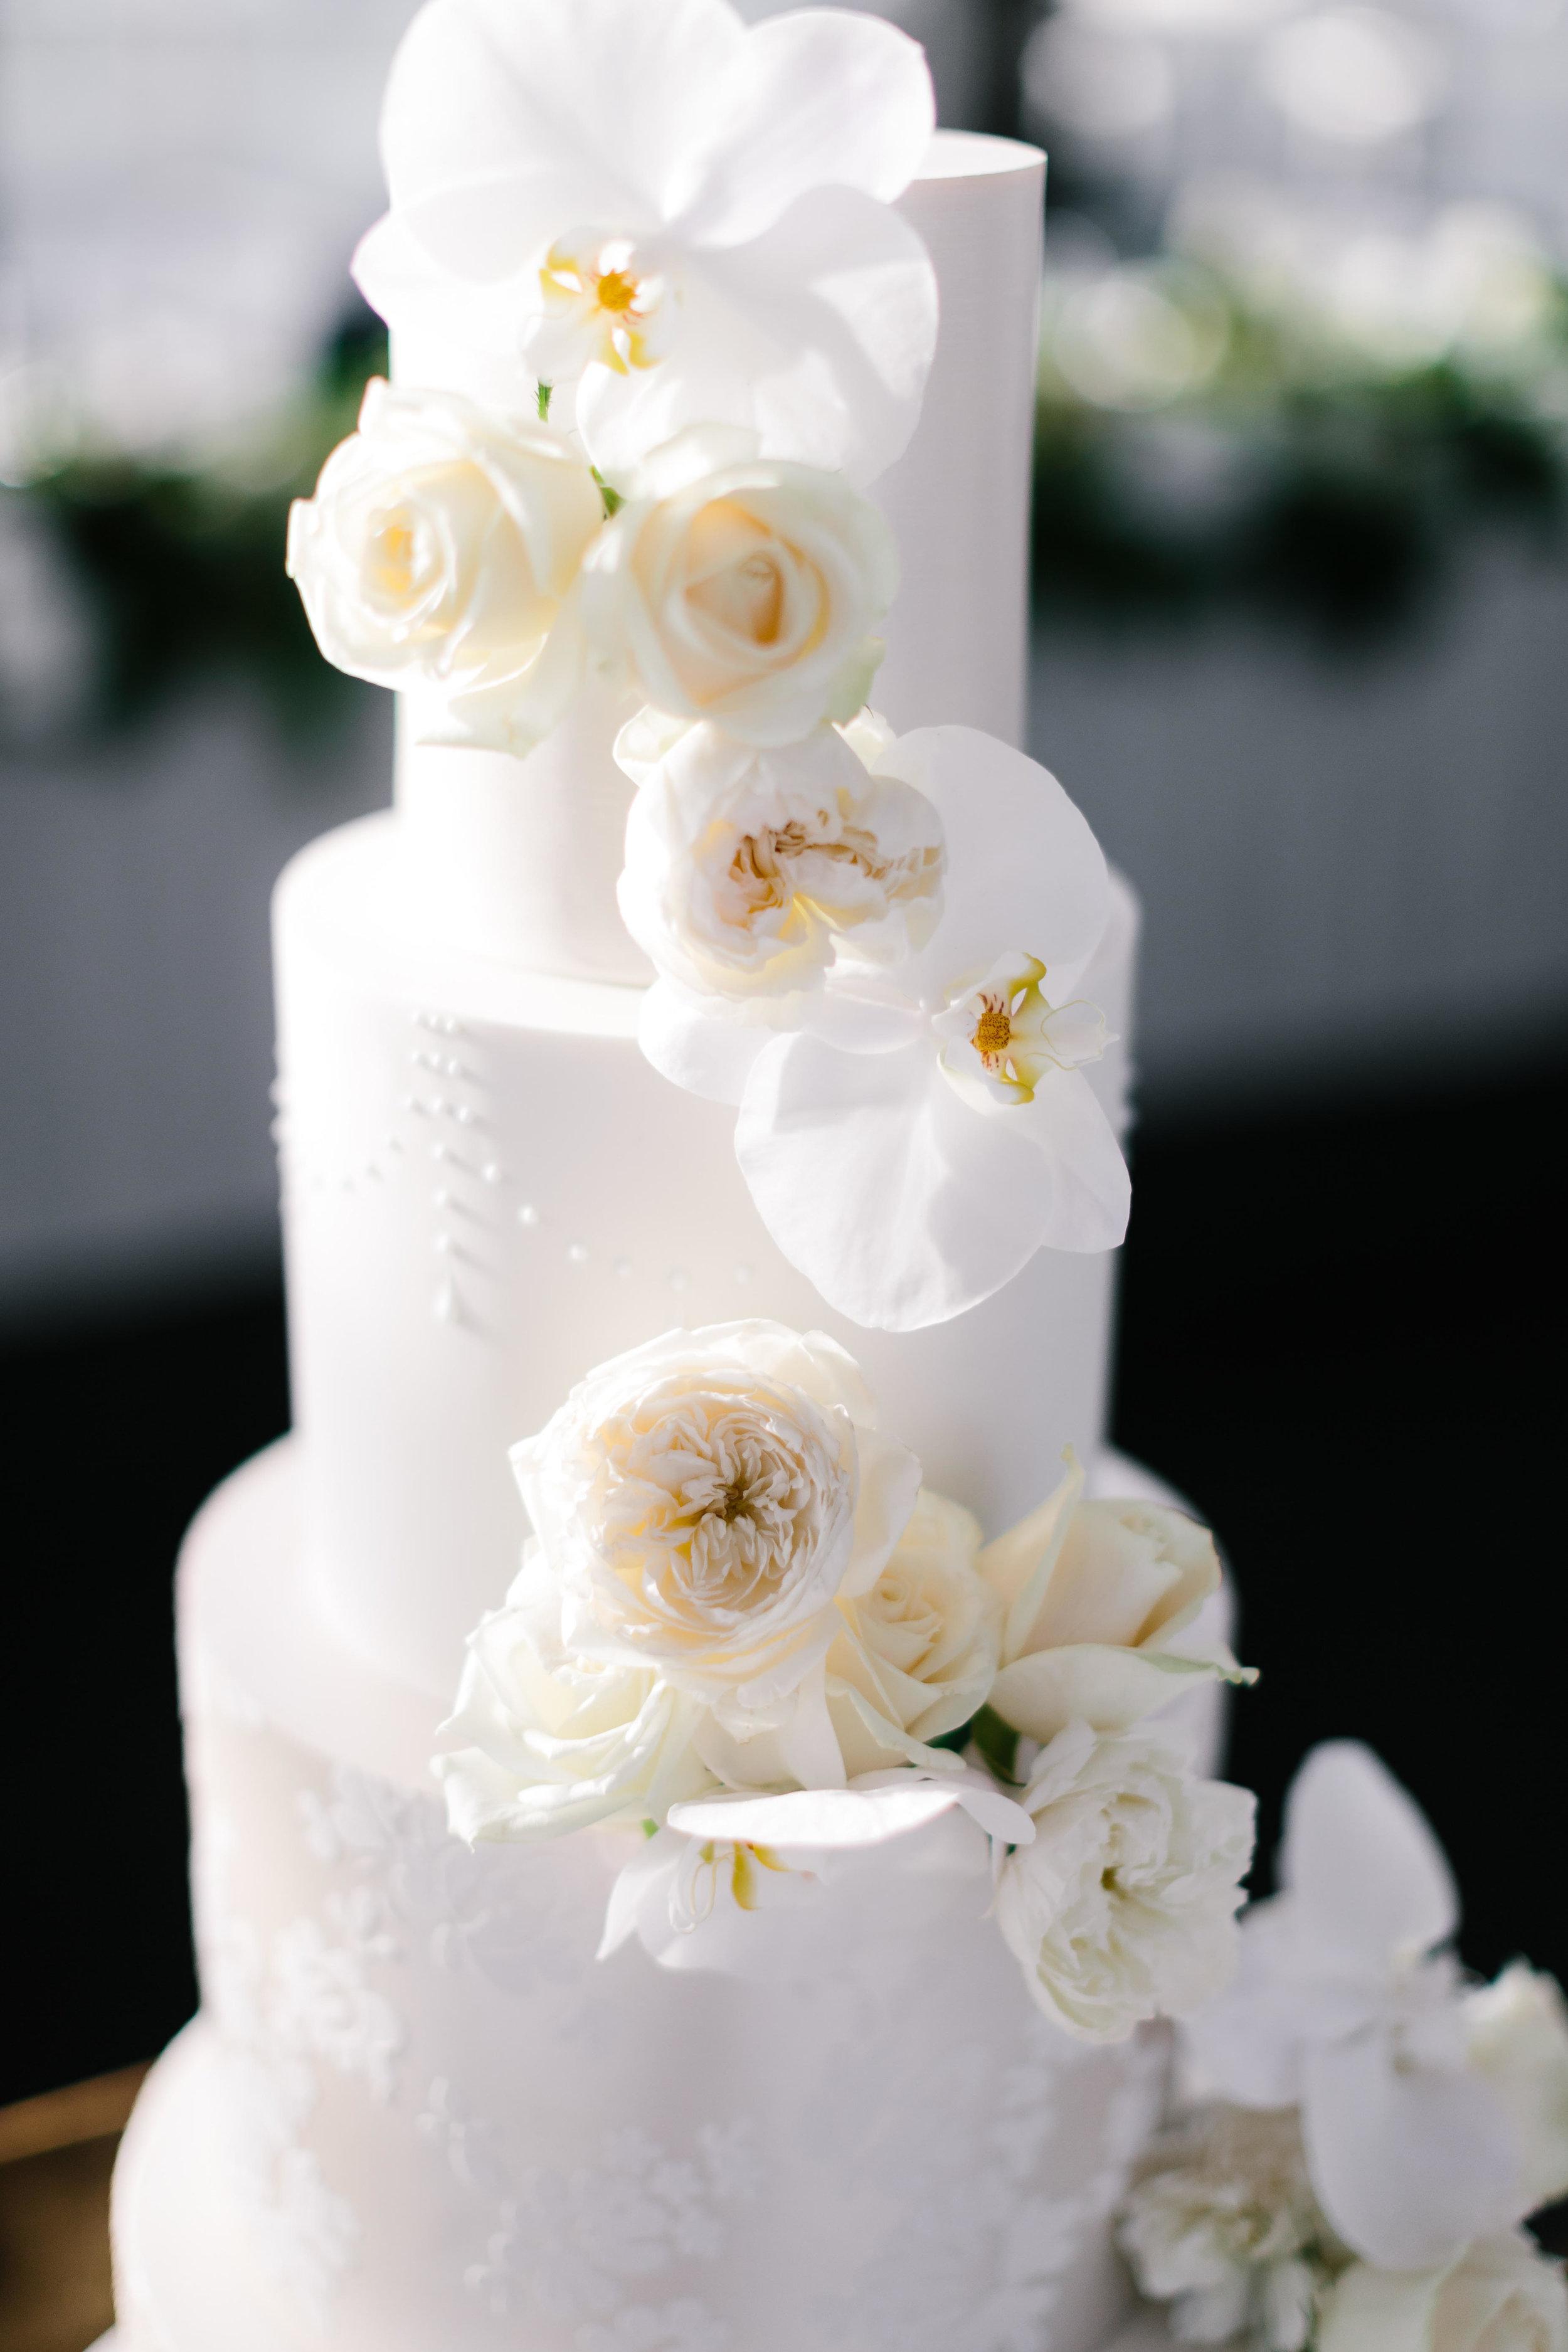 Wedding cake adorned with stunning fresh roses & phalaeonopsis orchids